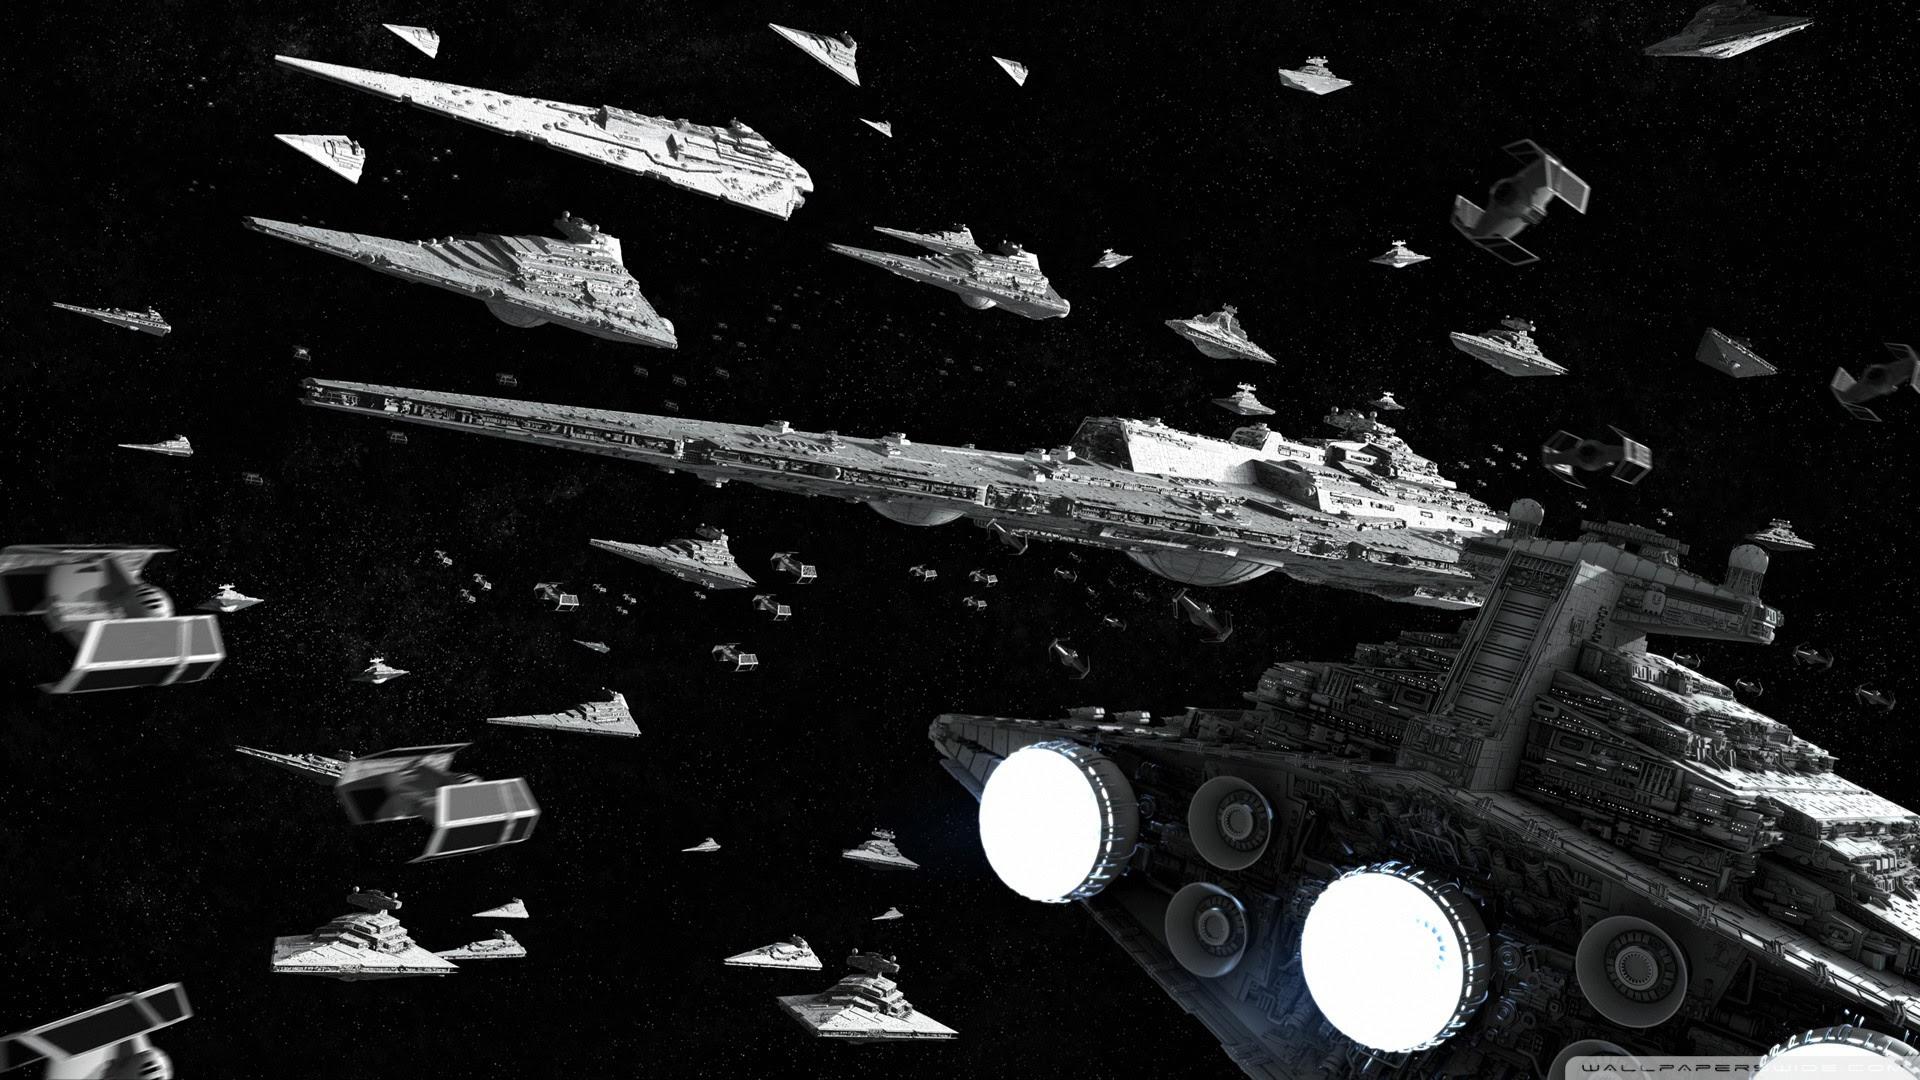 Star Wars Wallpaper 1920x1080 43429